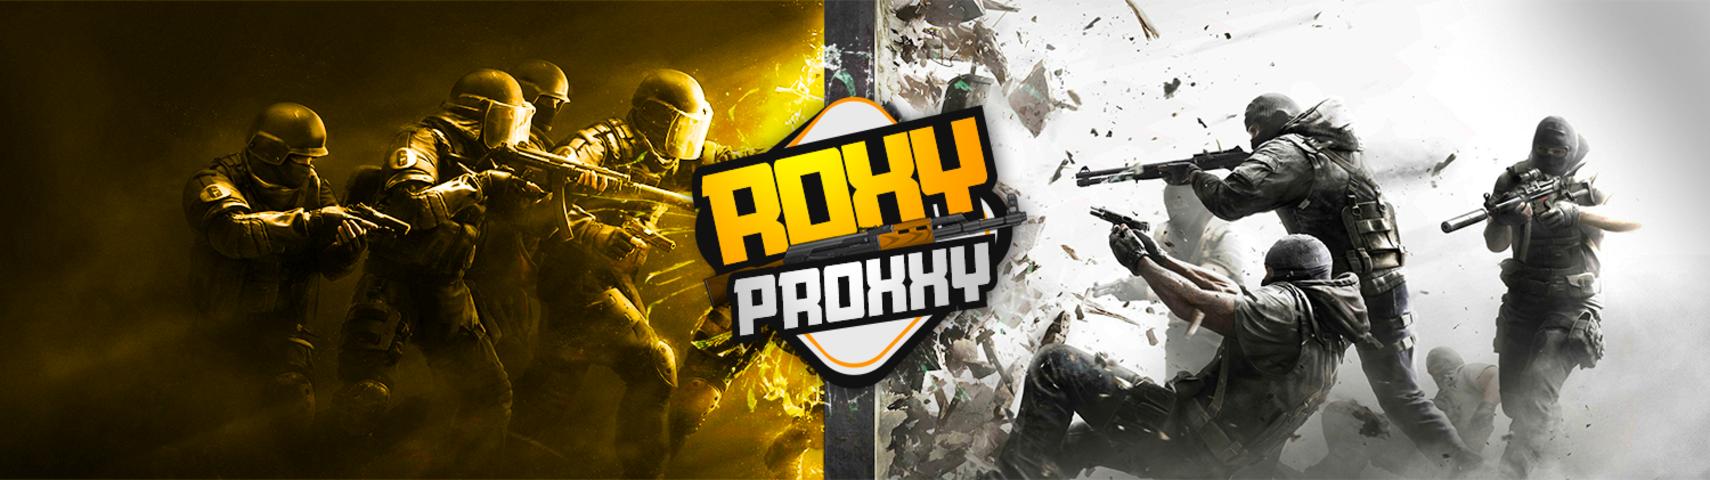 Roxyproxxy